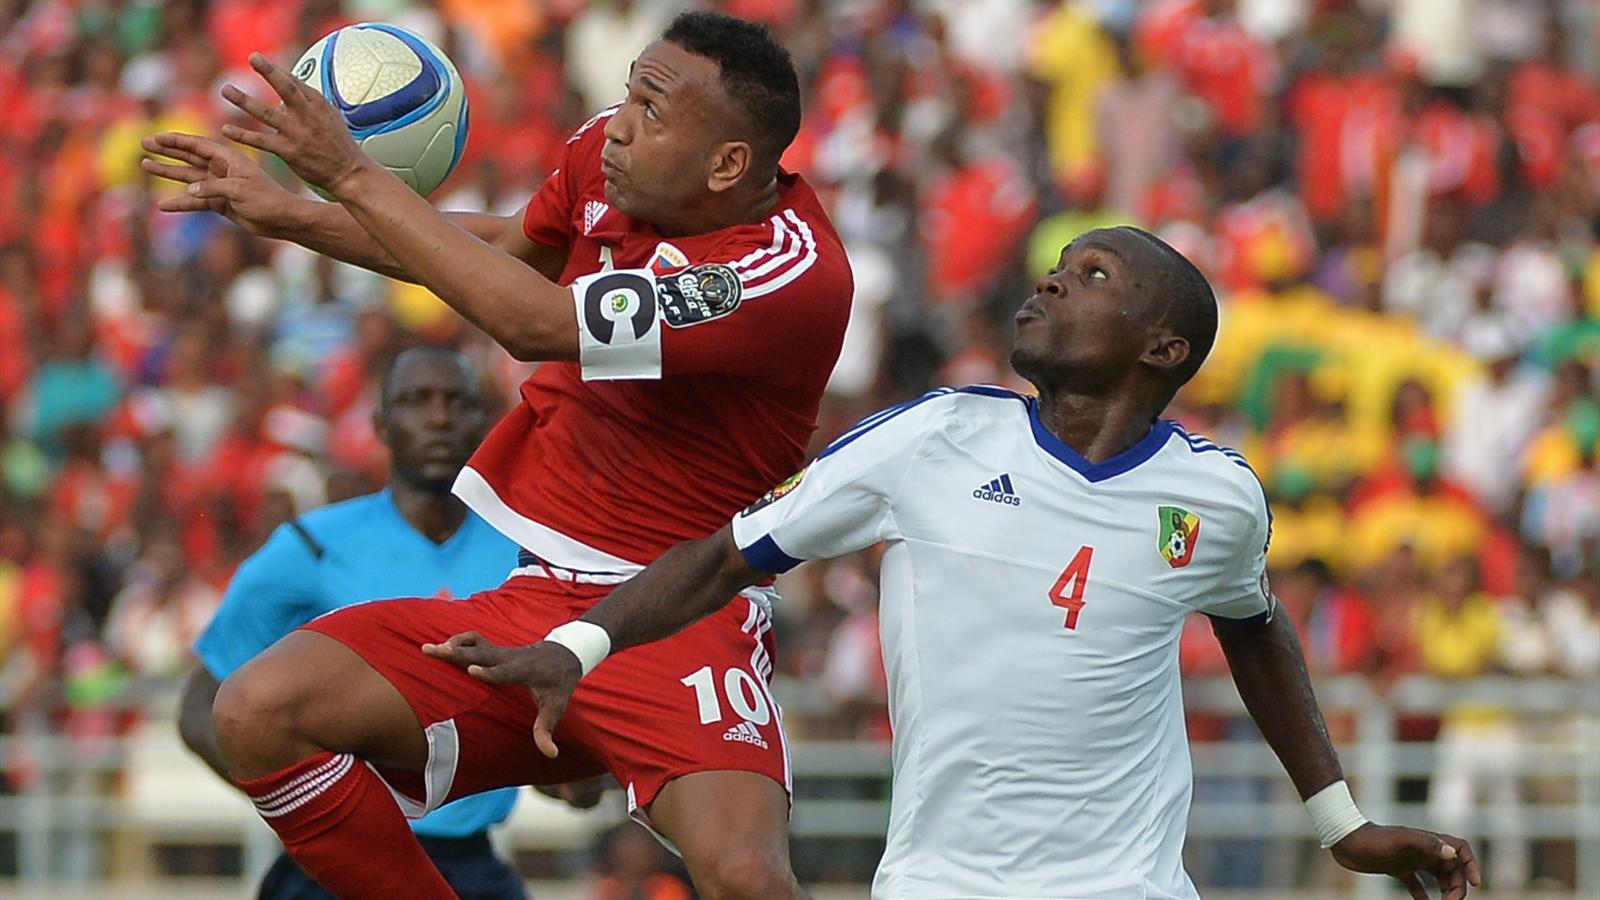 En direct live guin e quatoriale congo coupe d 39 afrique des nations 17 janvier 2015 - Regarder coupe d afrique en direct ...